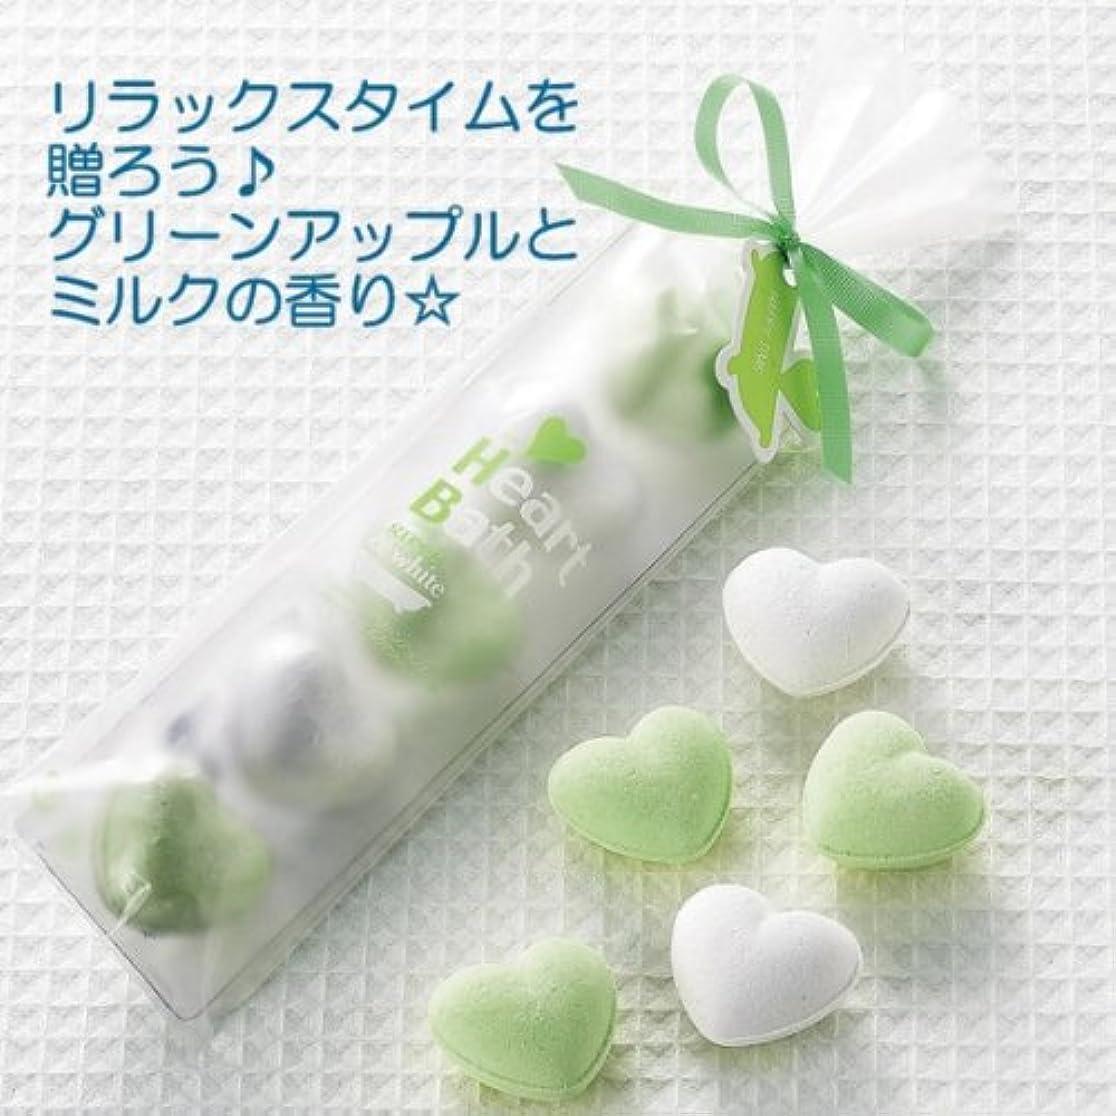 回想許可チョップハート型の入浴剤グリーンアップル&ミルク